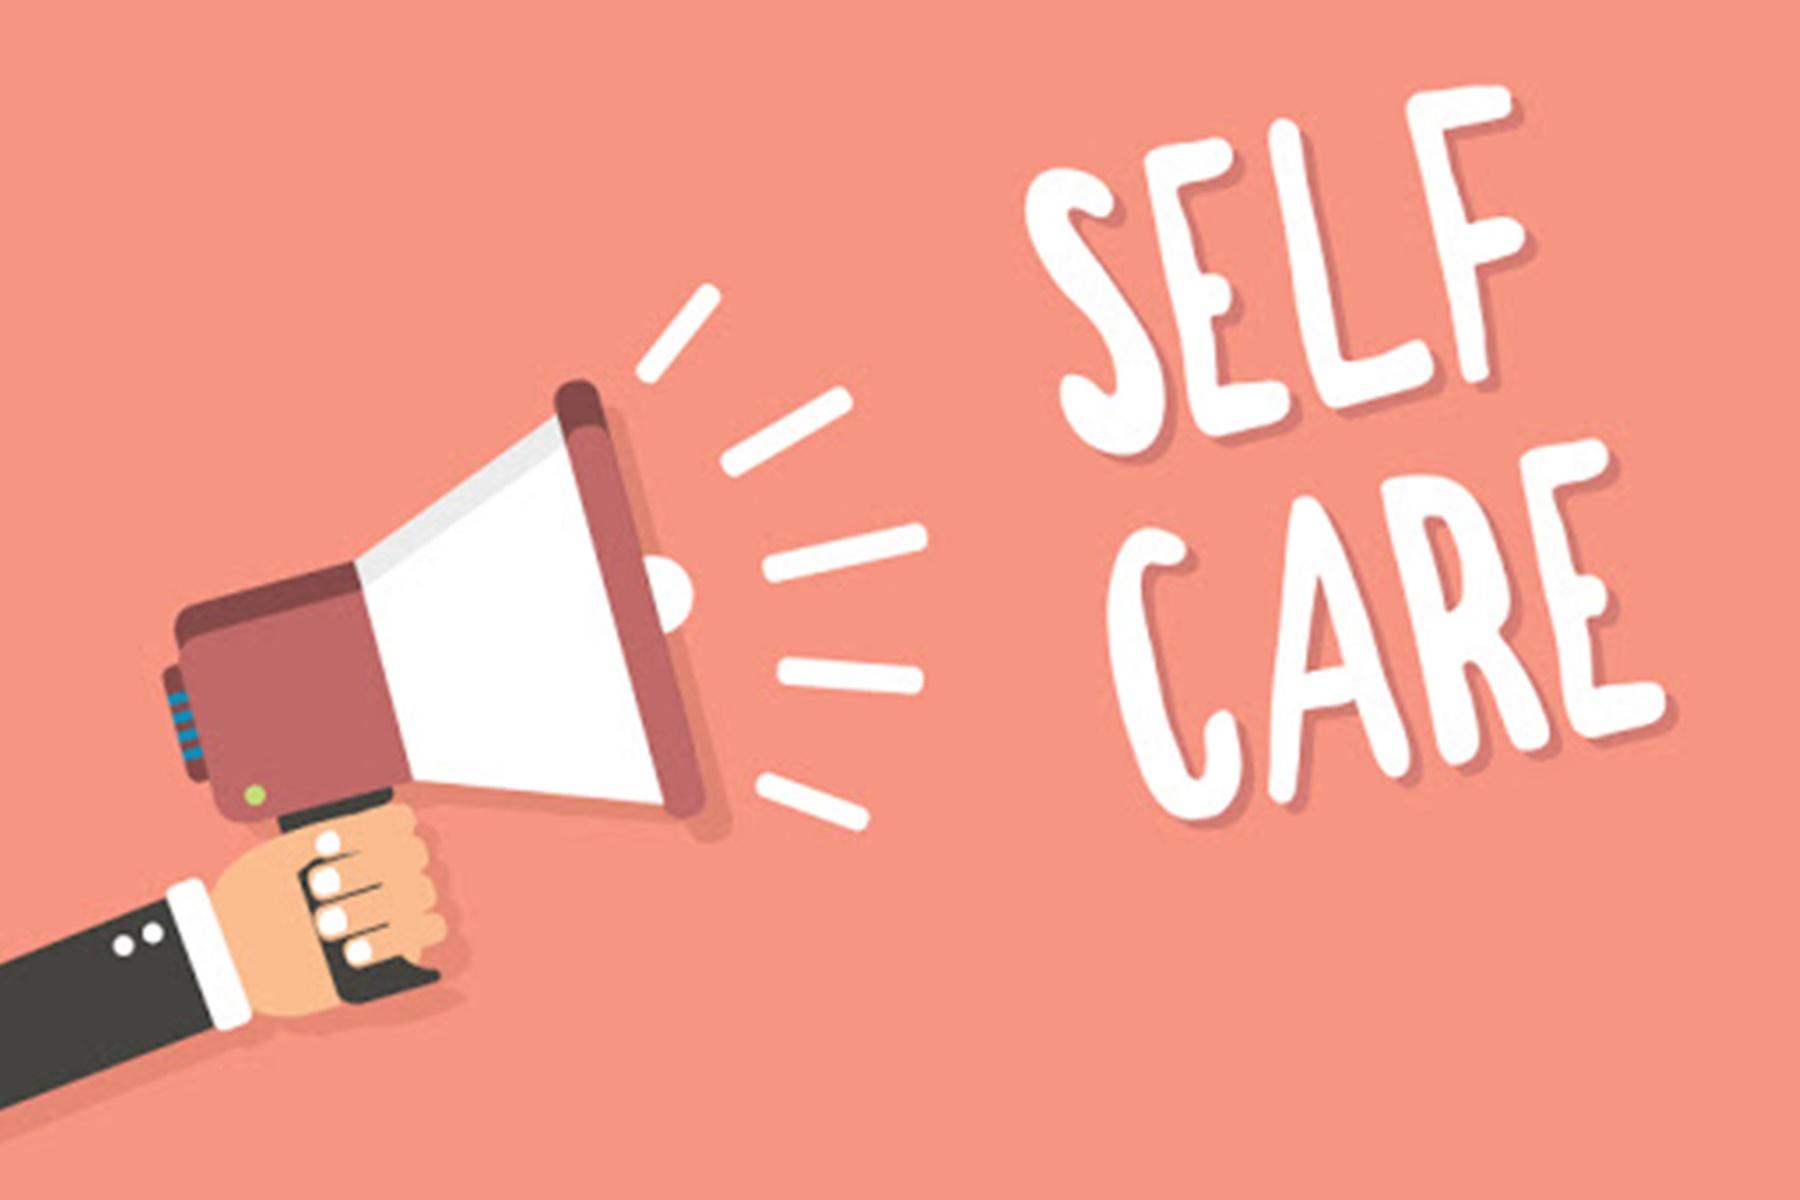 Πανδημία ΗΠΑ : Οι  ενήλικες είναι έτοιμοι να ασκήσουν περισσότερη αυτοφροντίδα